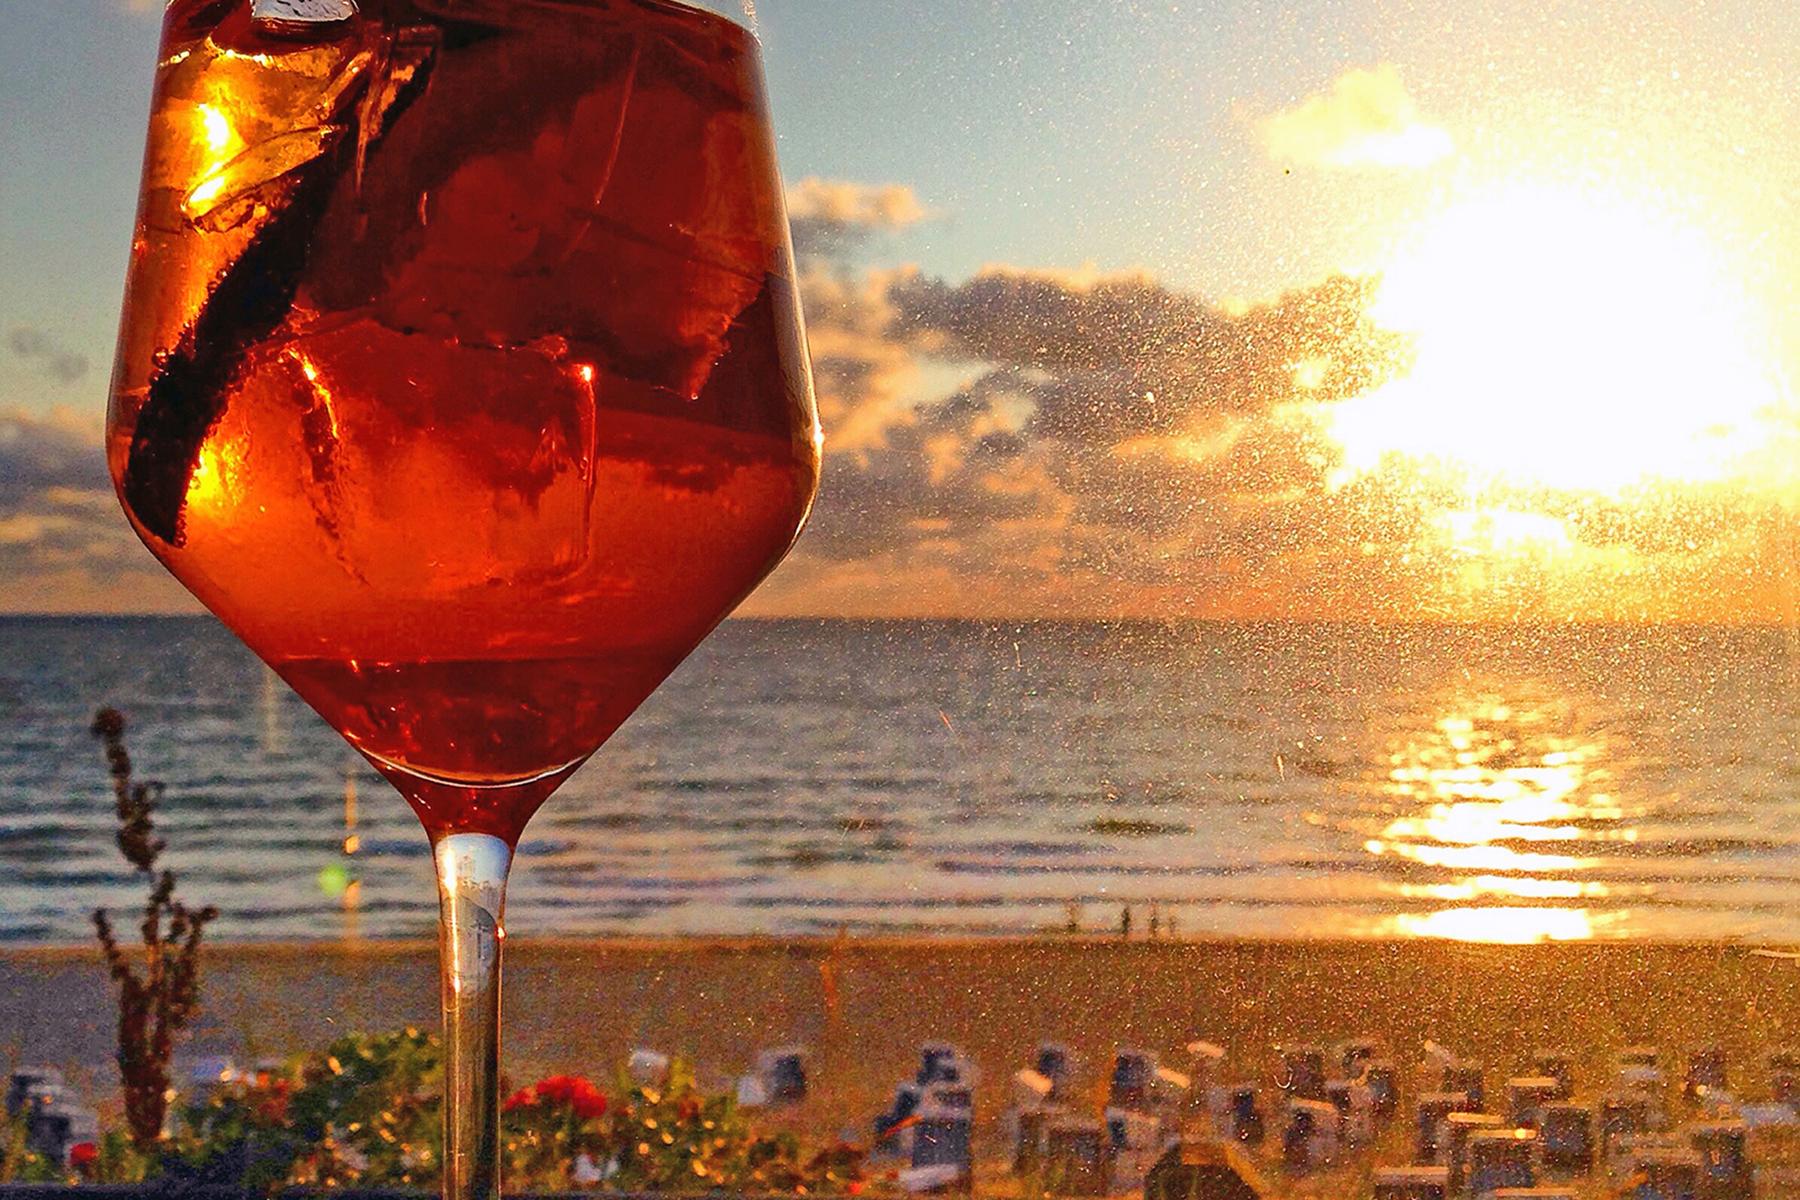 Sylt nach Corona: Gebrauchsanweisung für einen Sommerurlaub auf Sylt